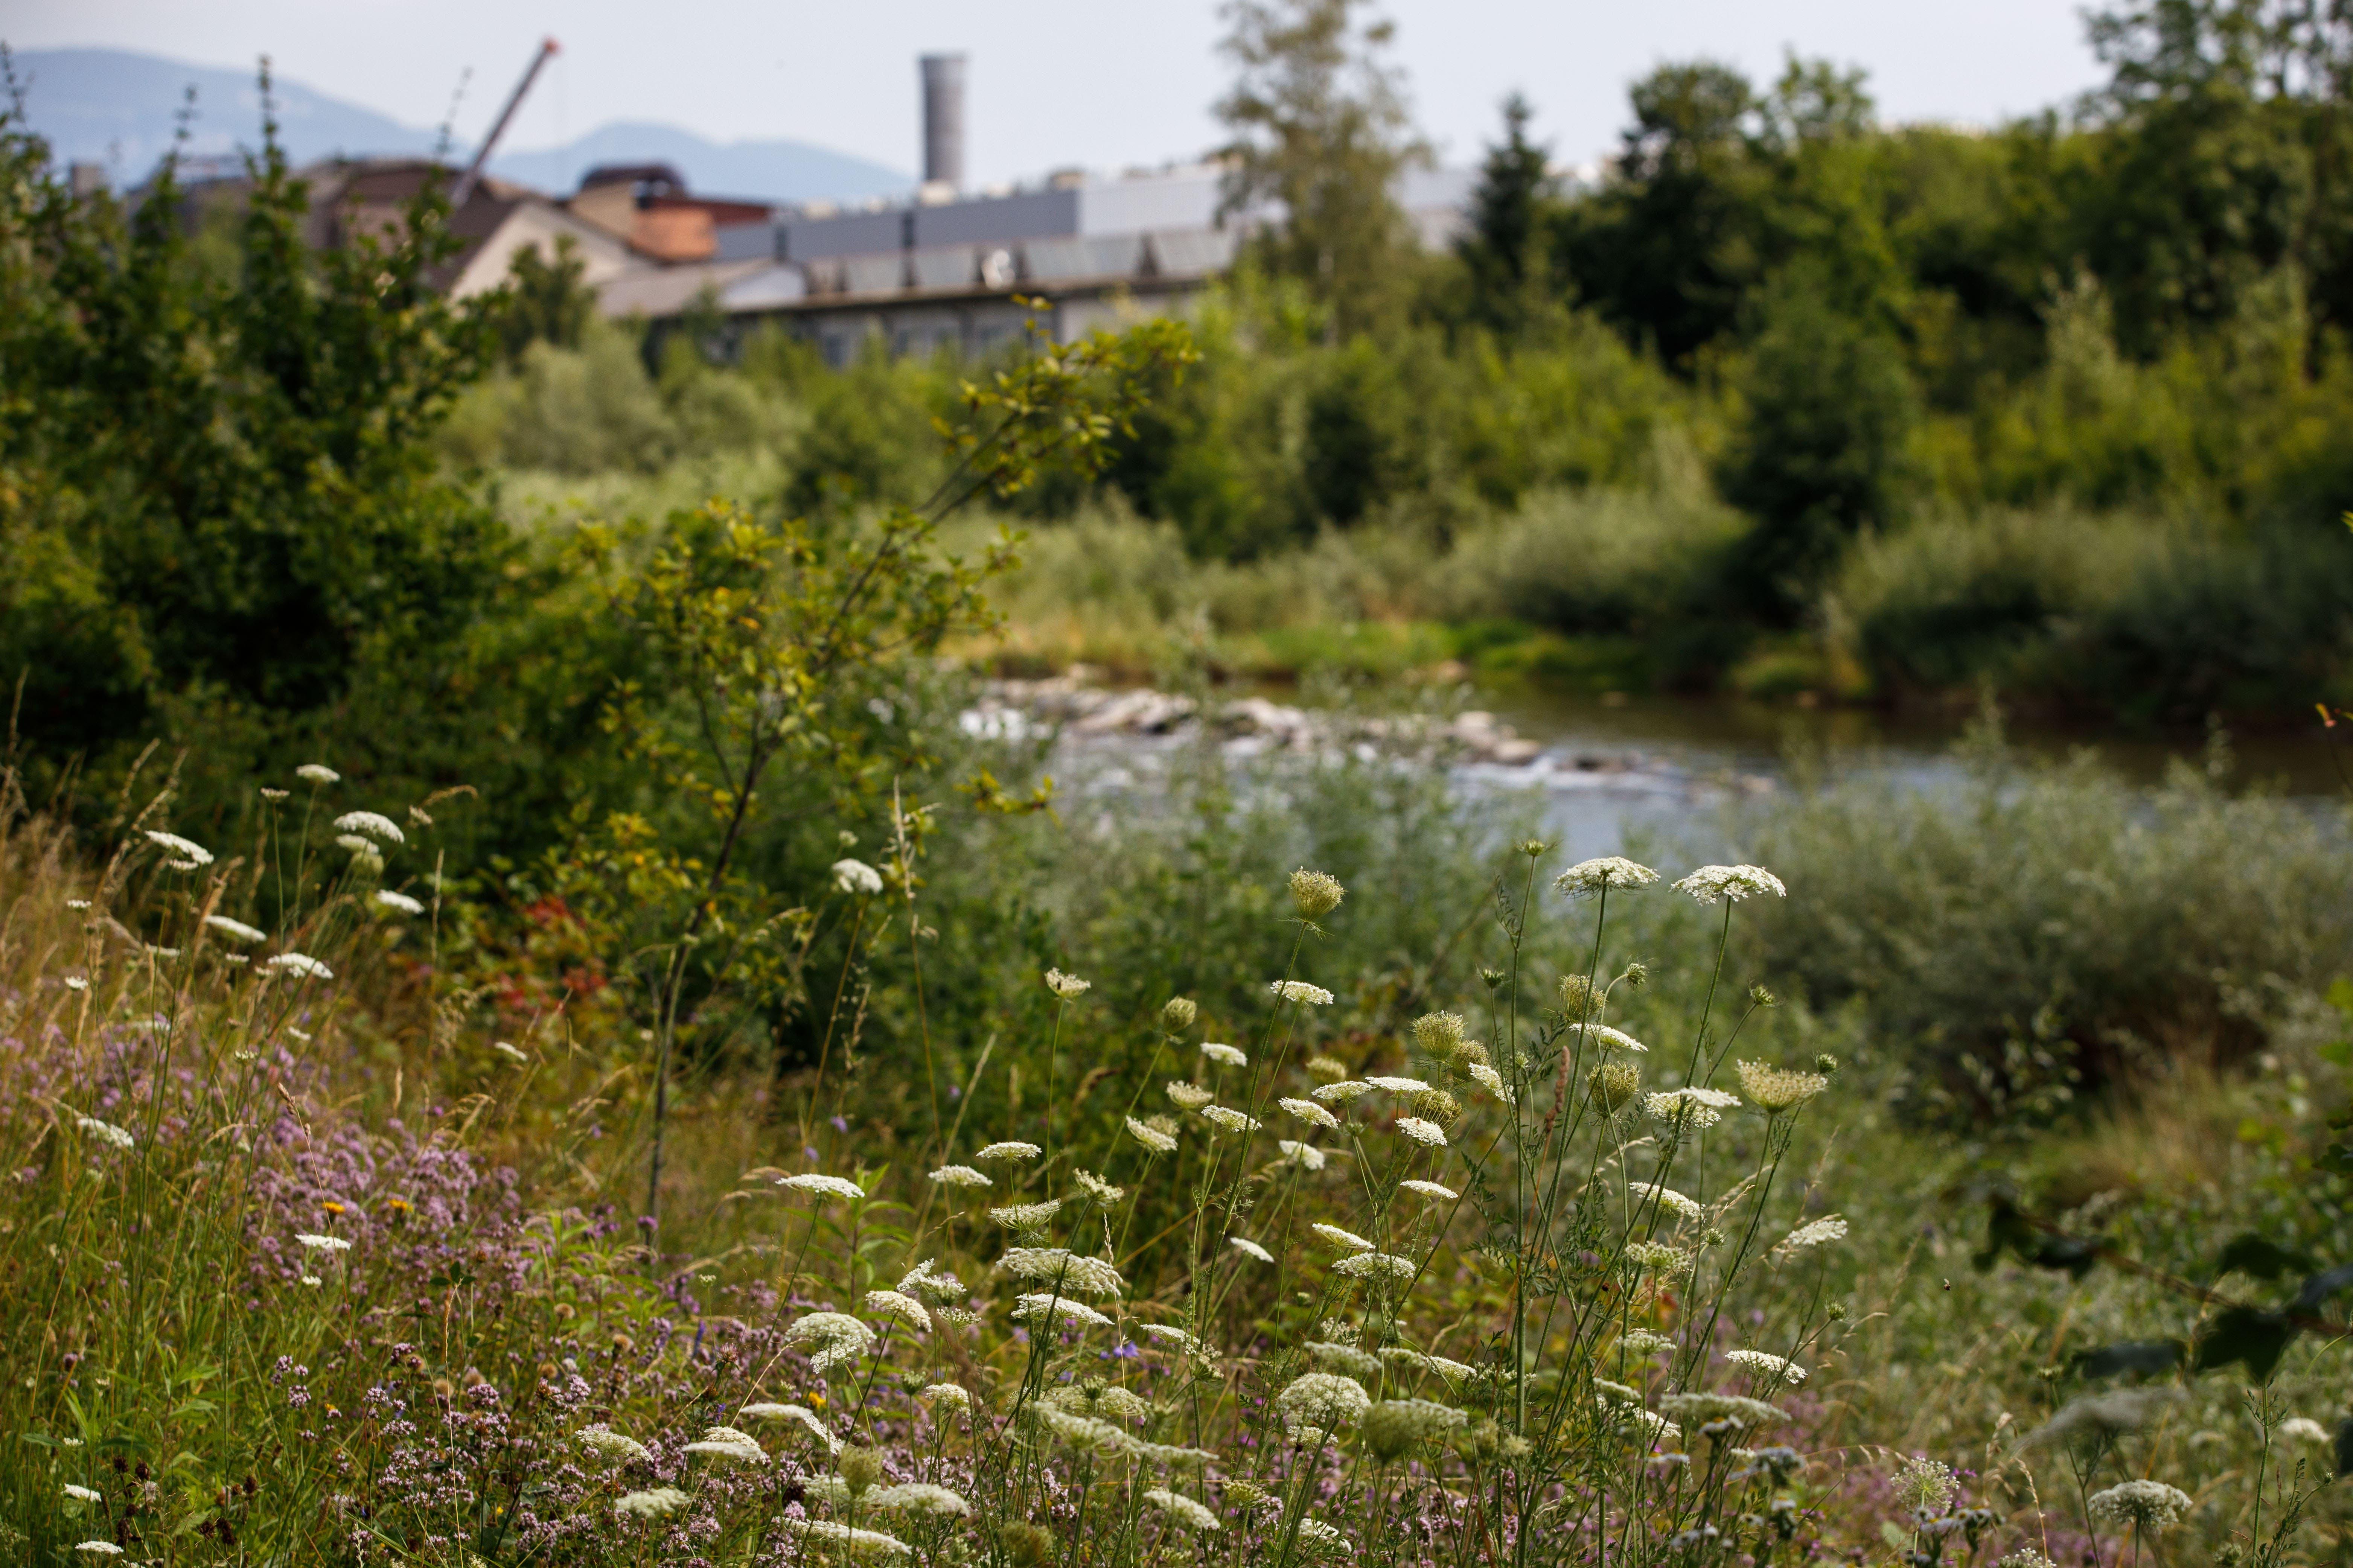 Zwischen der Bogenbrücke und der Emmebrücke ist die Vegetation vielfältig.